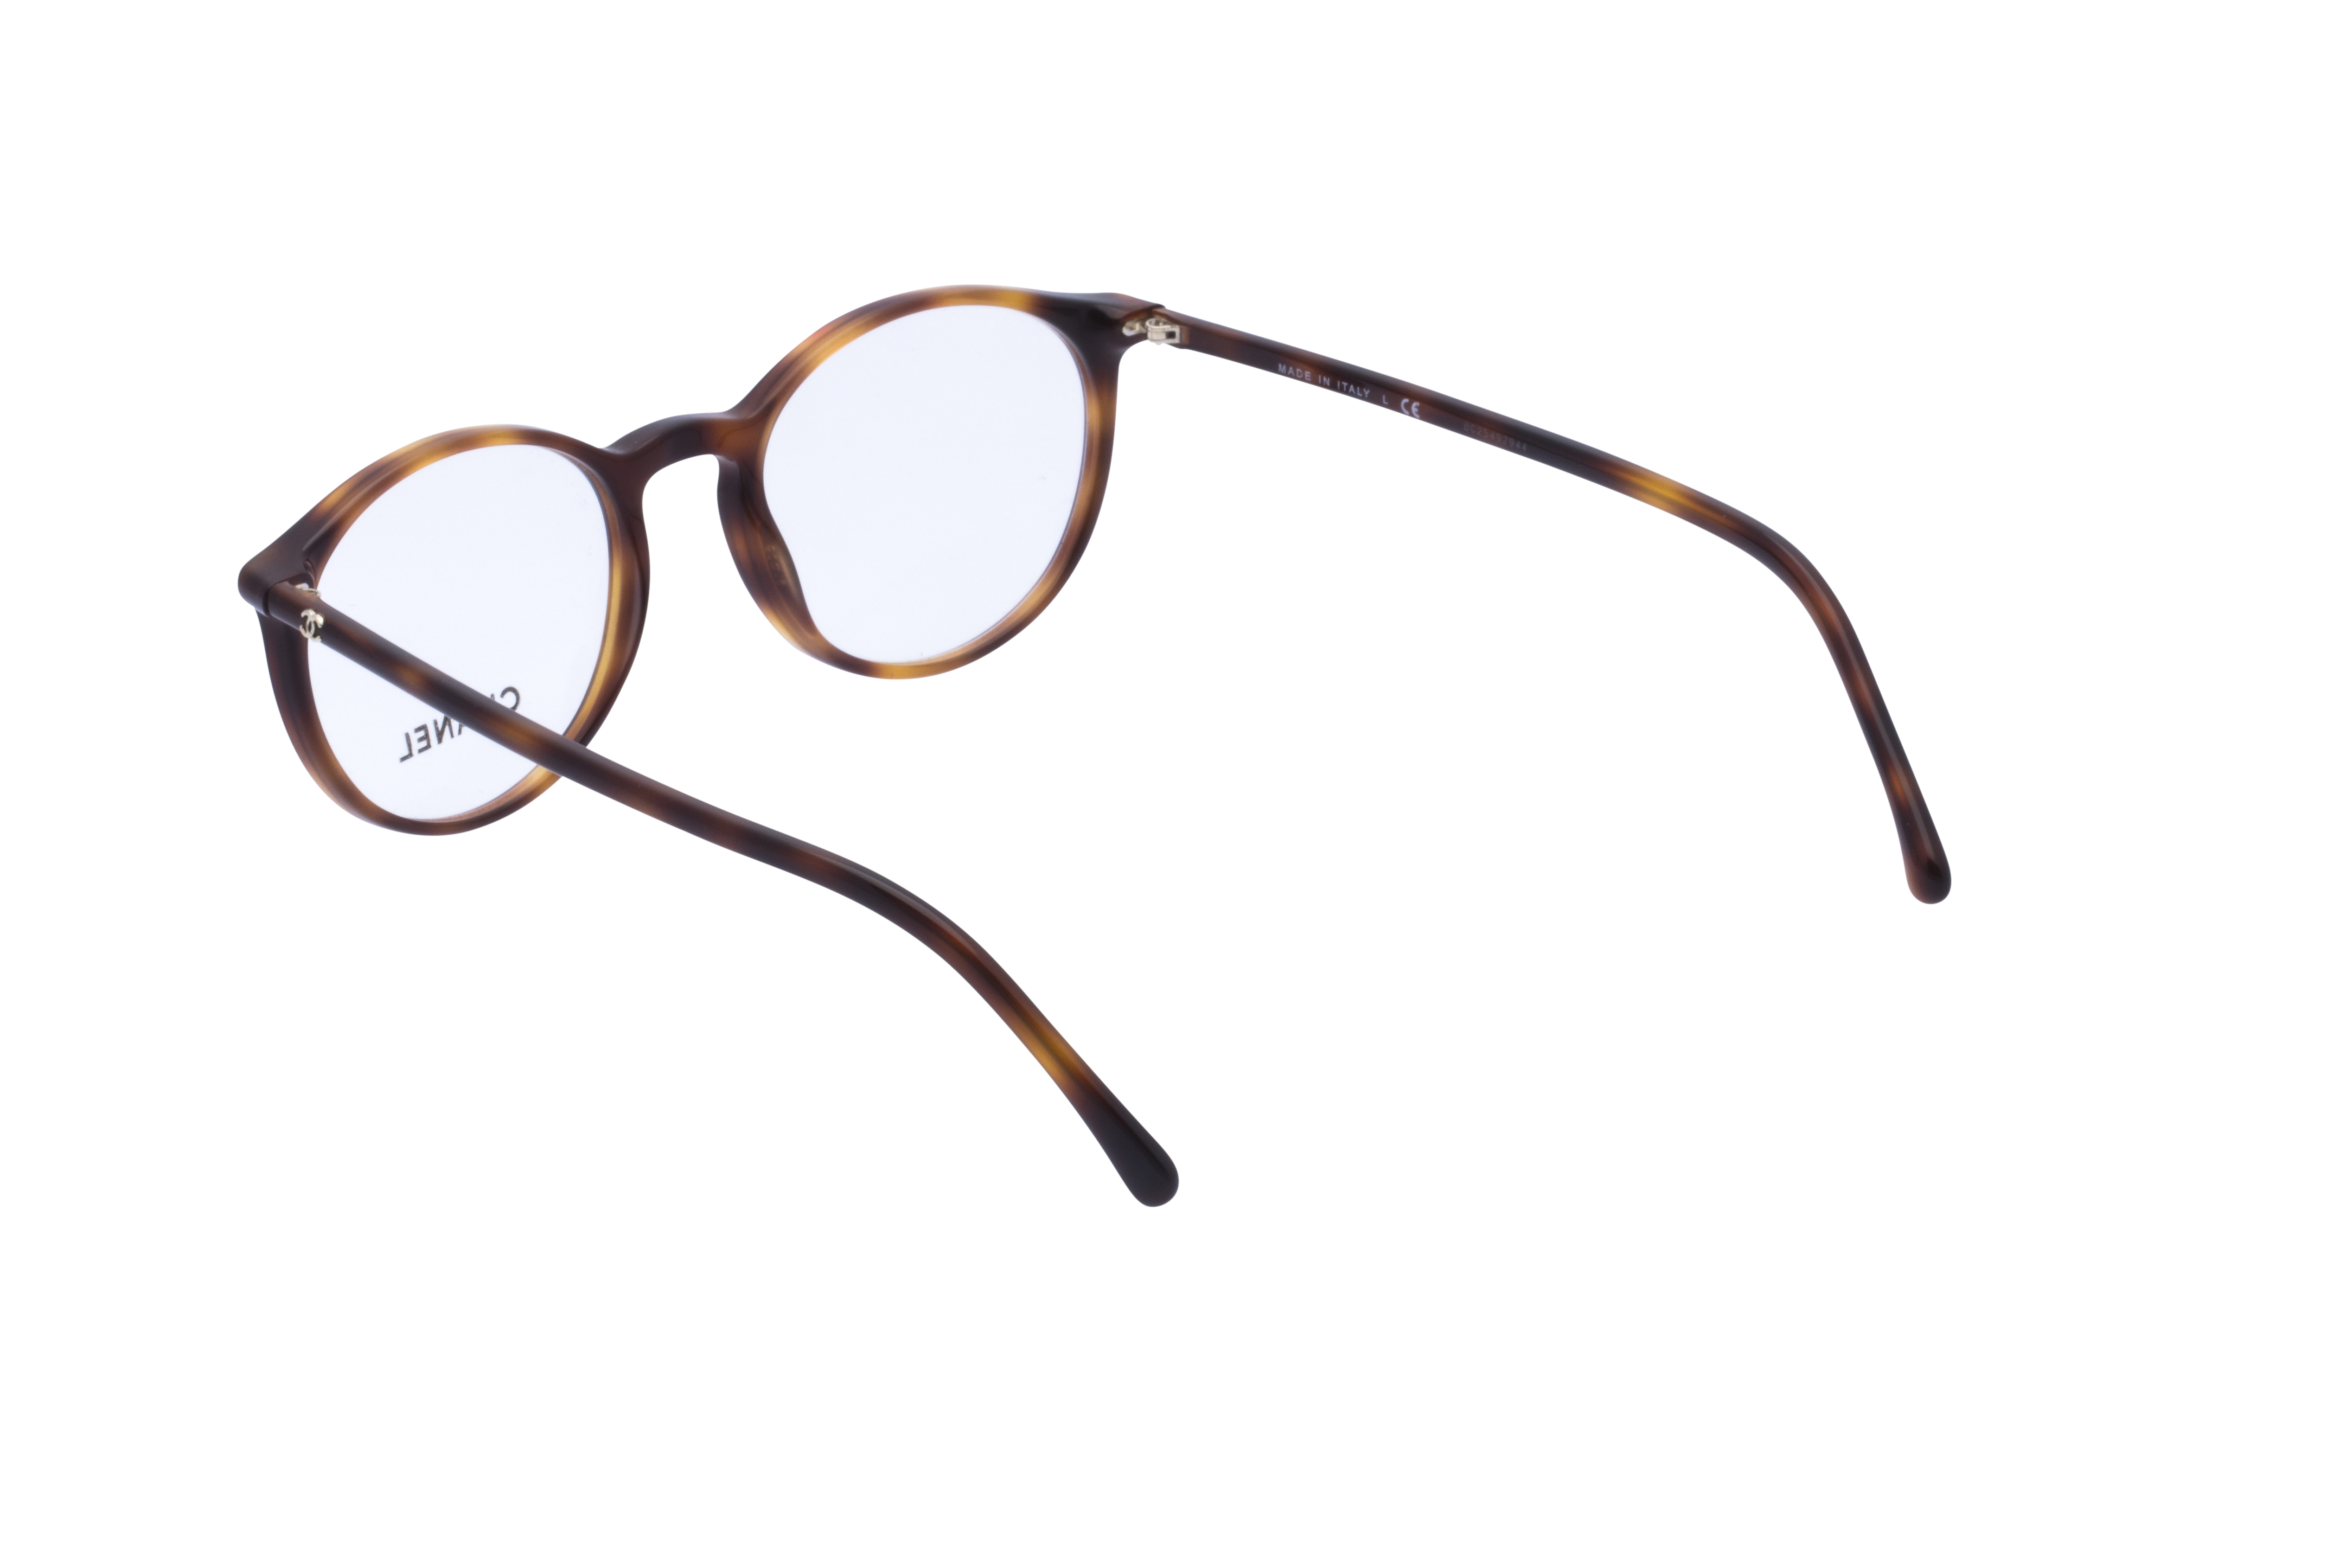 360 Grad Ansicht 15 Chanel 3372 Frontansicht, Brille auf Weiß - Fassung bei KUNK